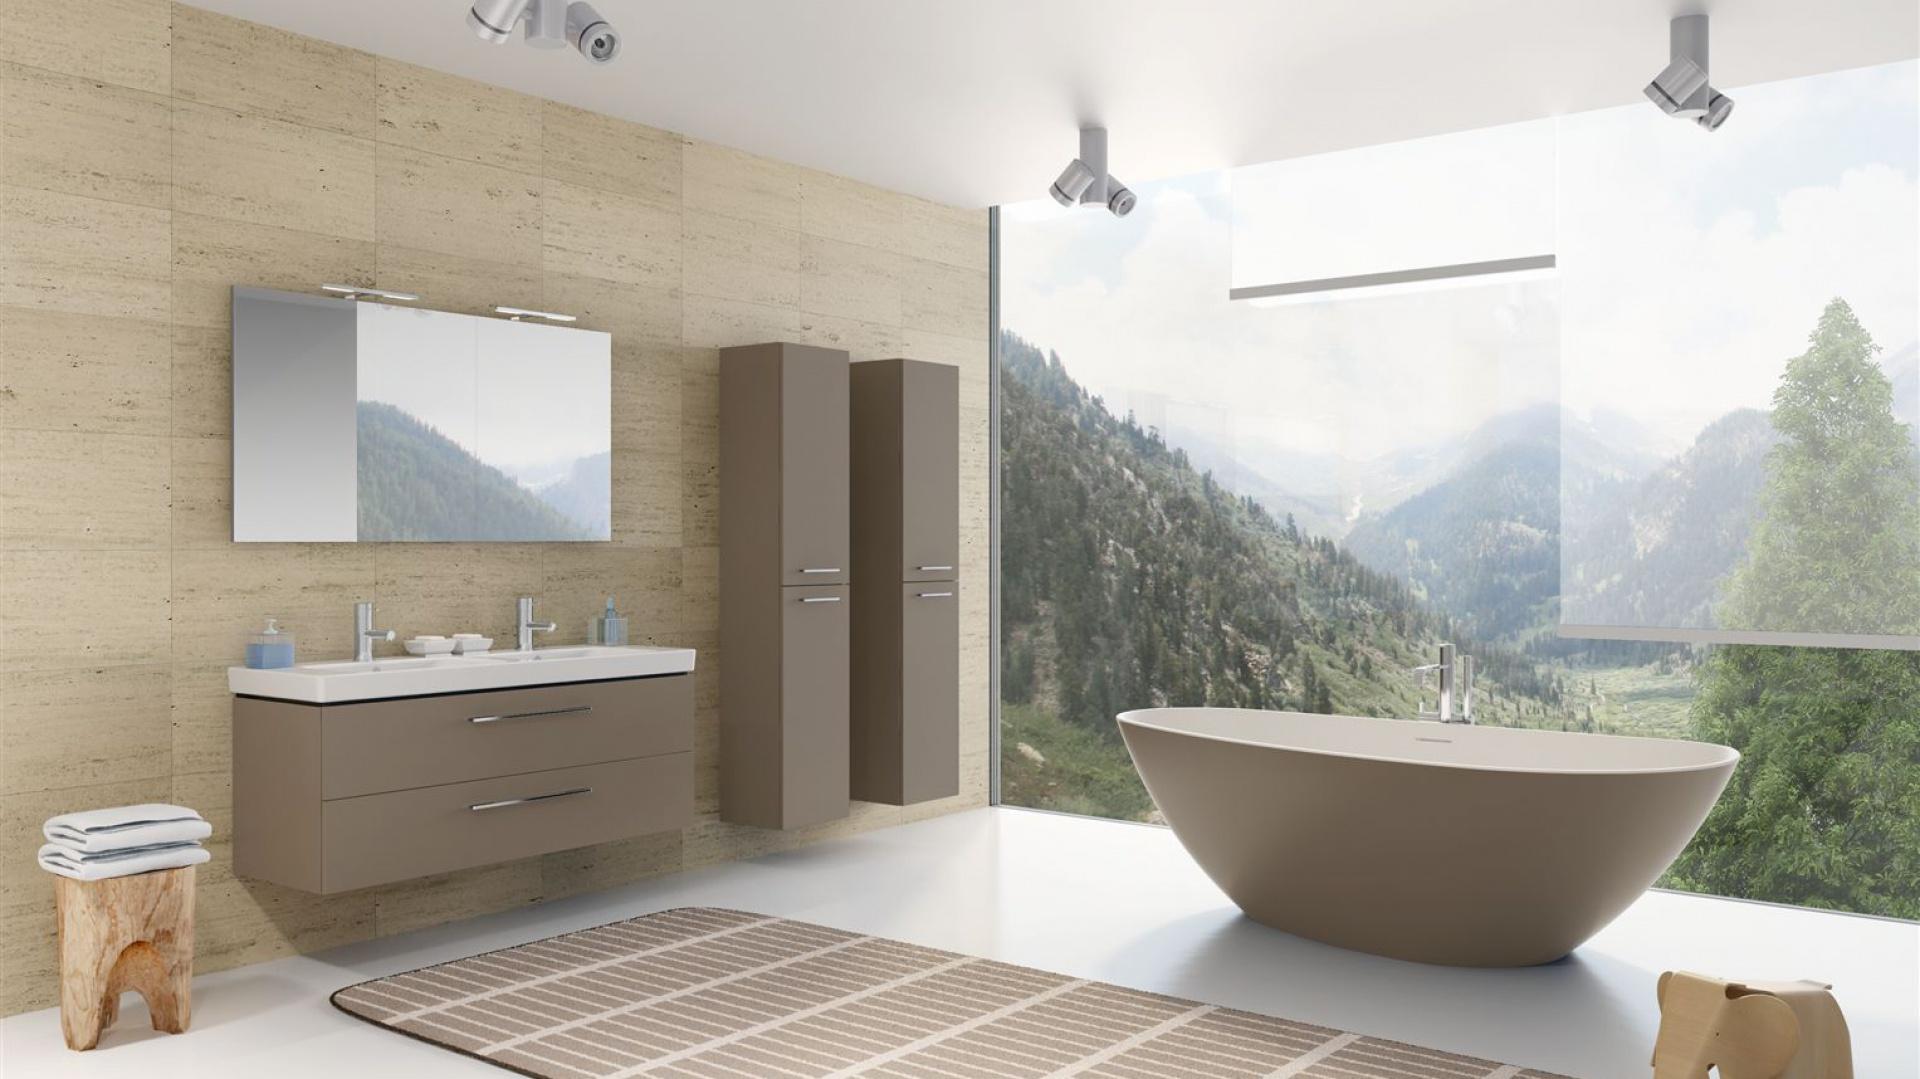 Wanna Granada z serii Solid Surface, wymiary 170x80 lub 190x90 cm, możliwy dowolny inny kolor na zewnątrz wanny. Produkt marki Riho, fot. materiały prasowe.